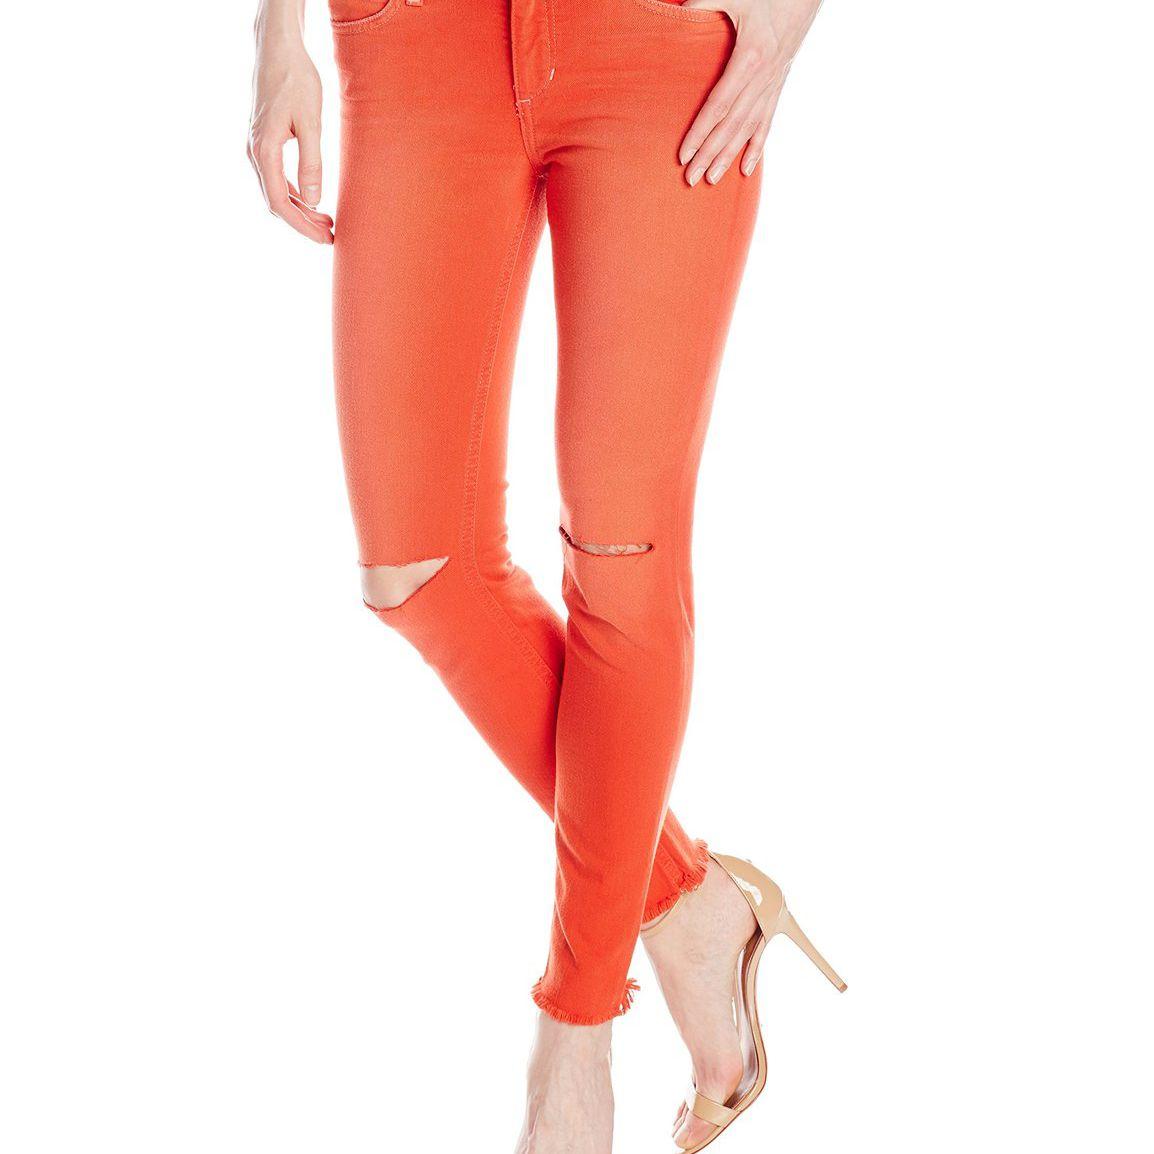 Joe's Jeans Women's Collector's Edition Finn Skinny Ankle Jean